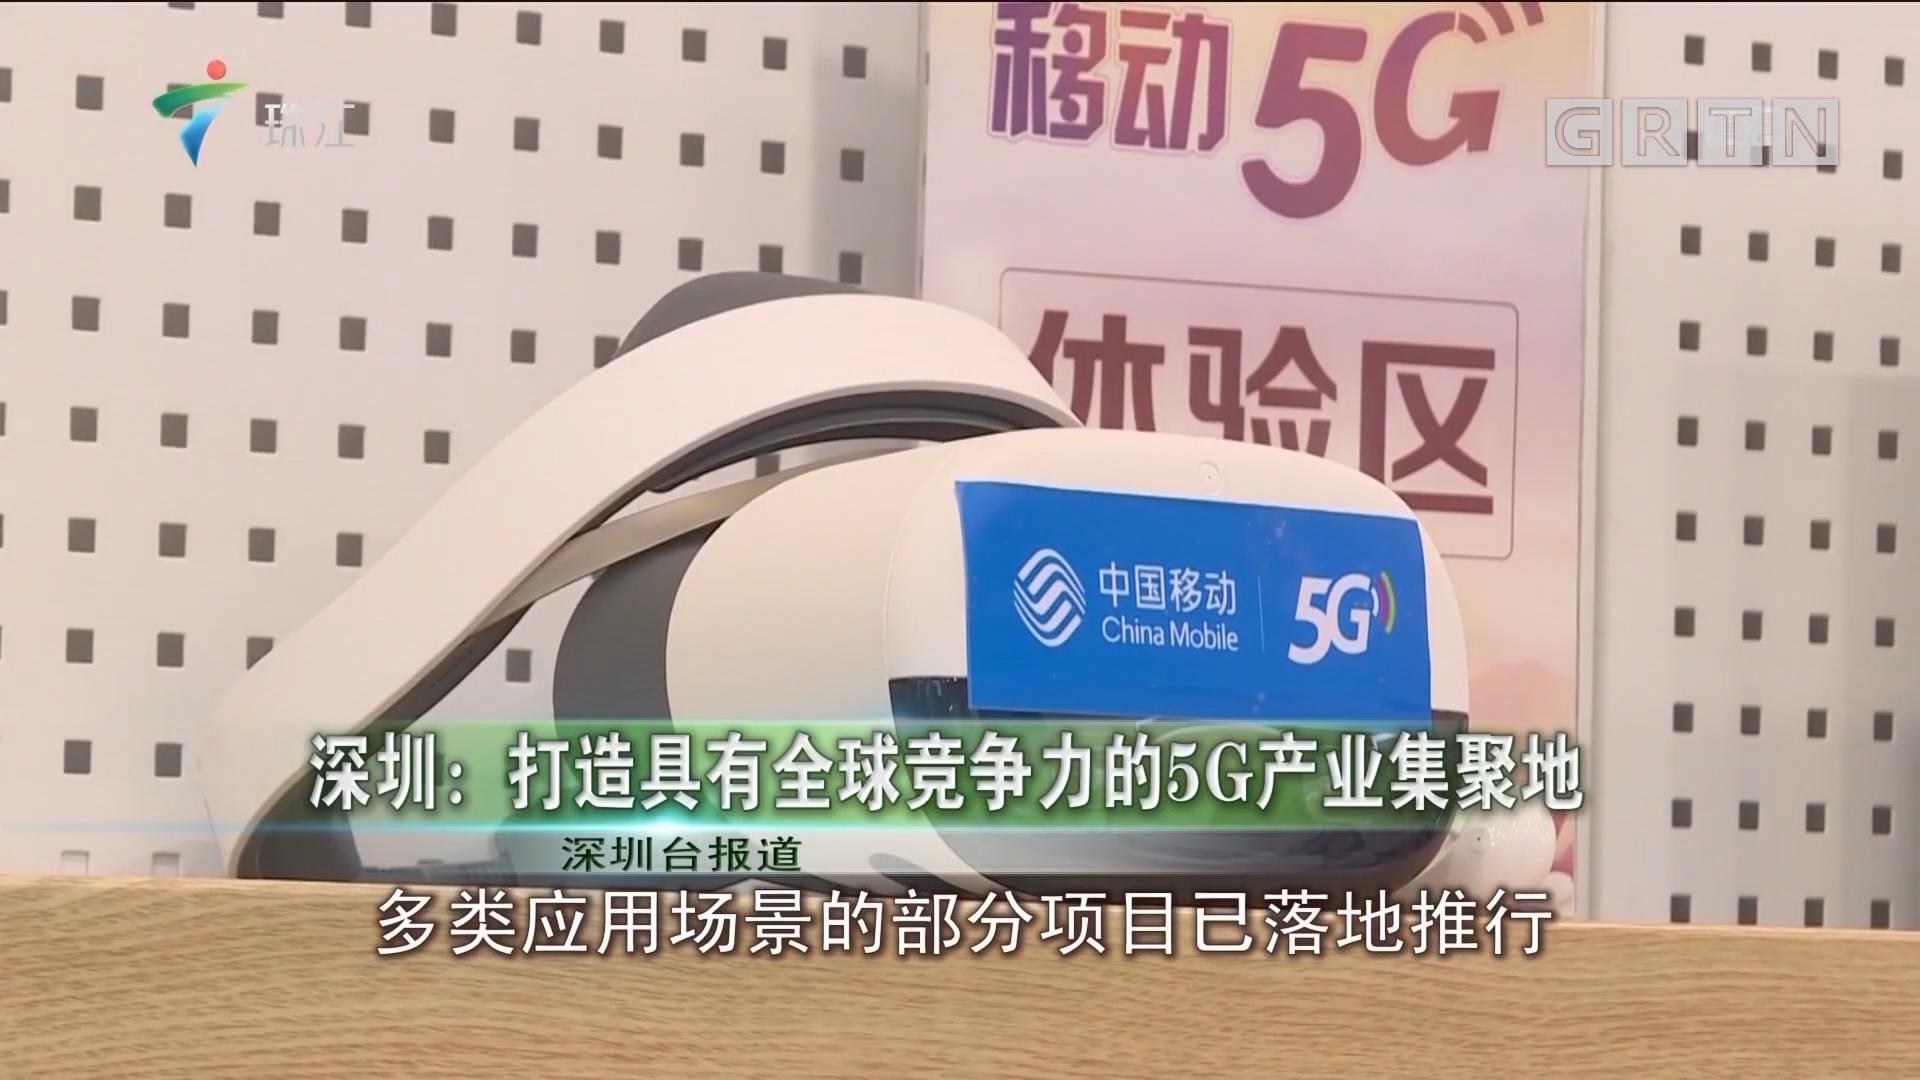 深圳:打造具有全球竞争力的5G产业集聚地